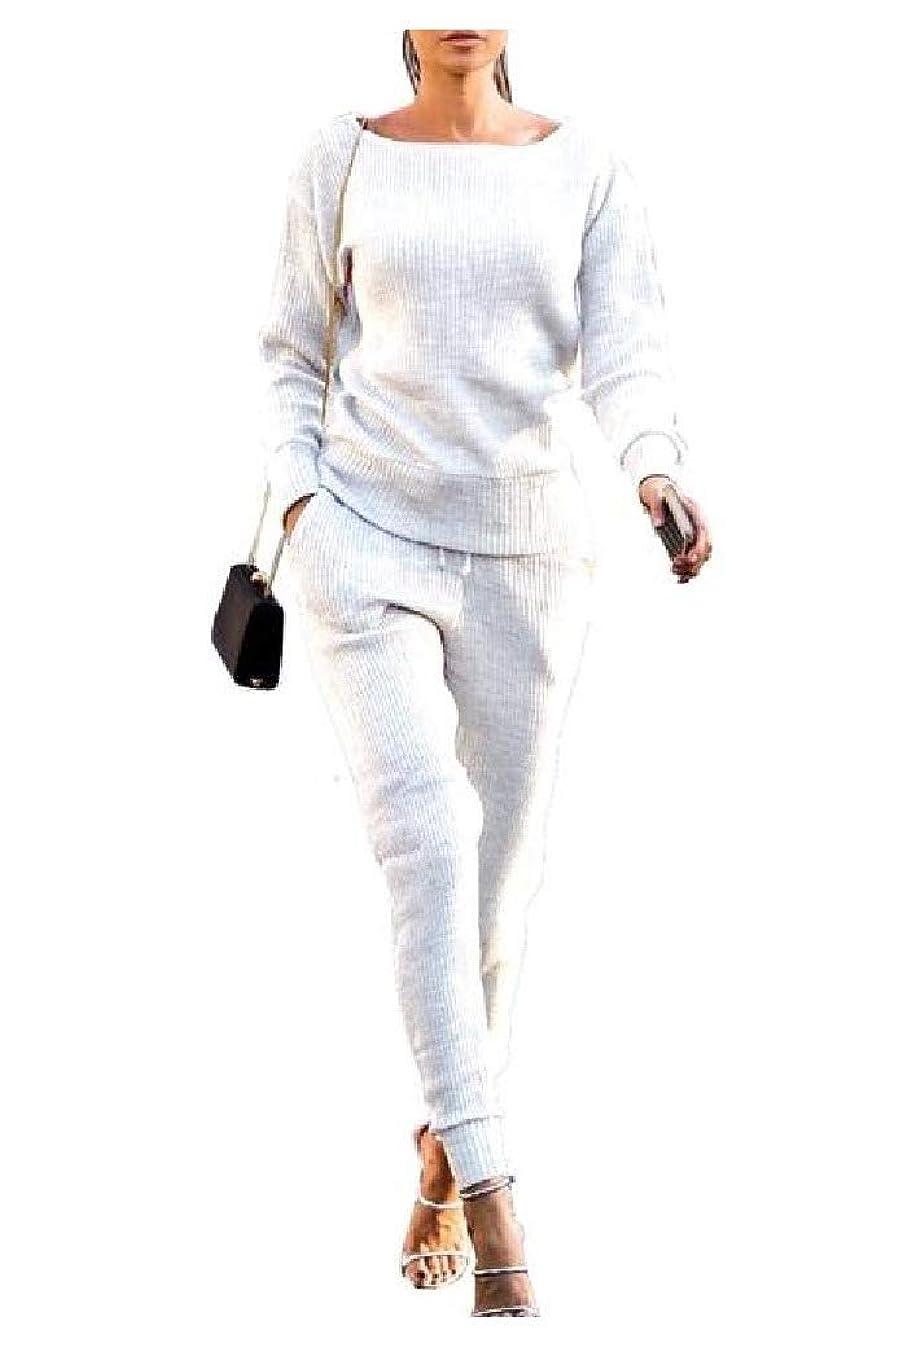 先に底爬虫類Romancly 女性ボーイフレンドニットカジュアル2ピーススウェットスーツ衣装